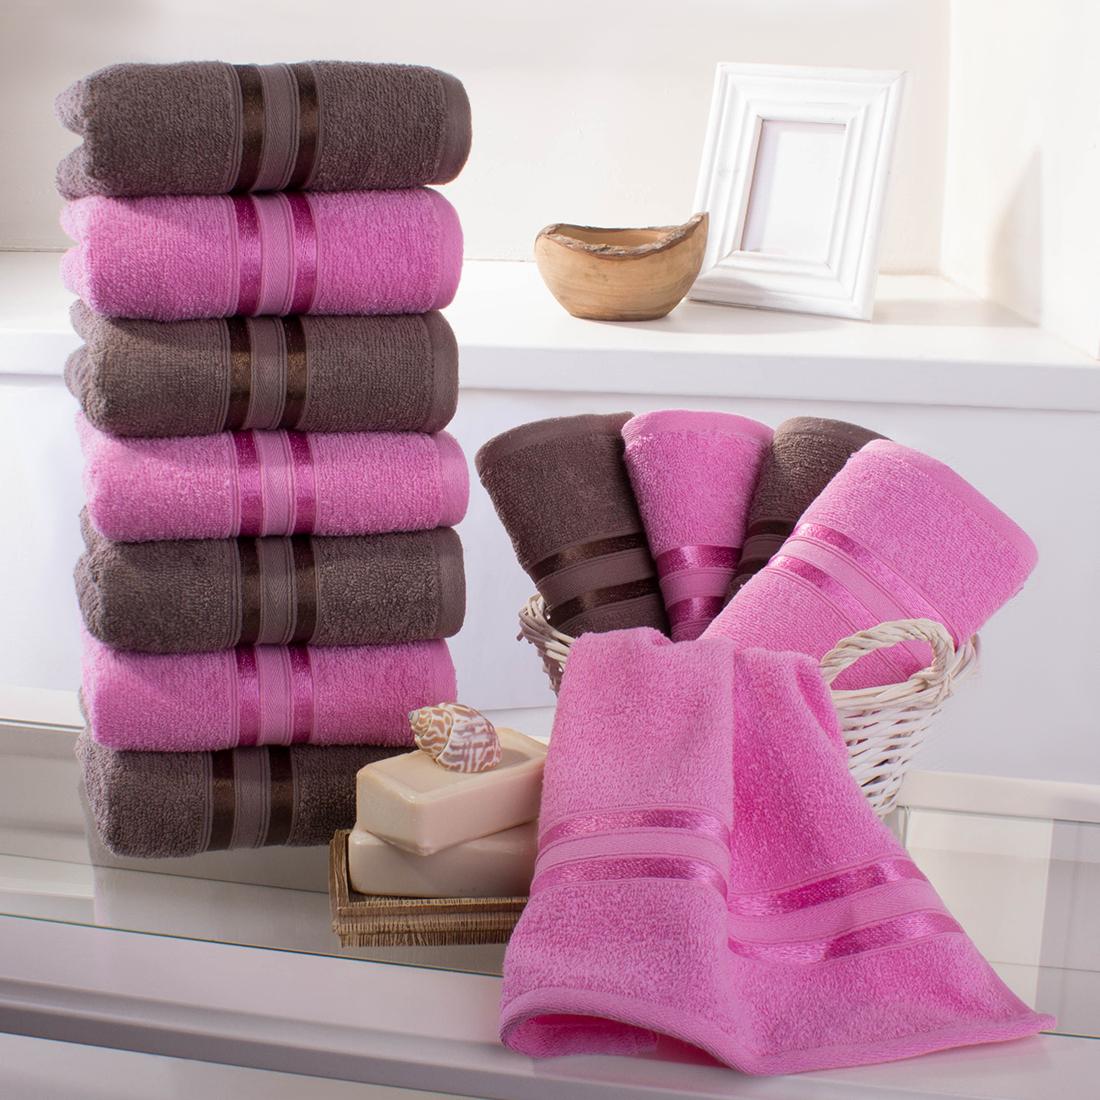 Полотенца Dome, Полотенце для рук Harmonika Цвет: Коричневый-Розовая Вишня (33х50 см - 12 шт), Дания, Махра  - Купить